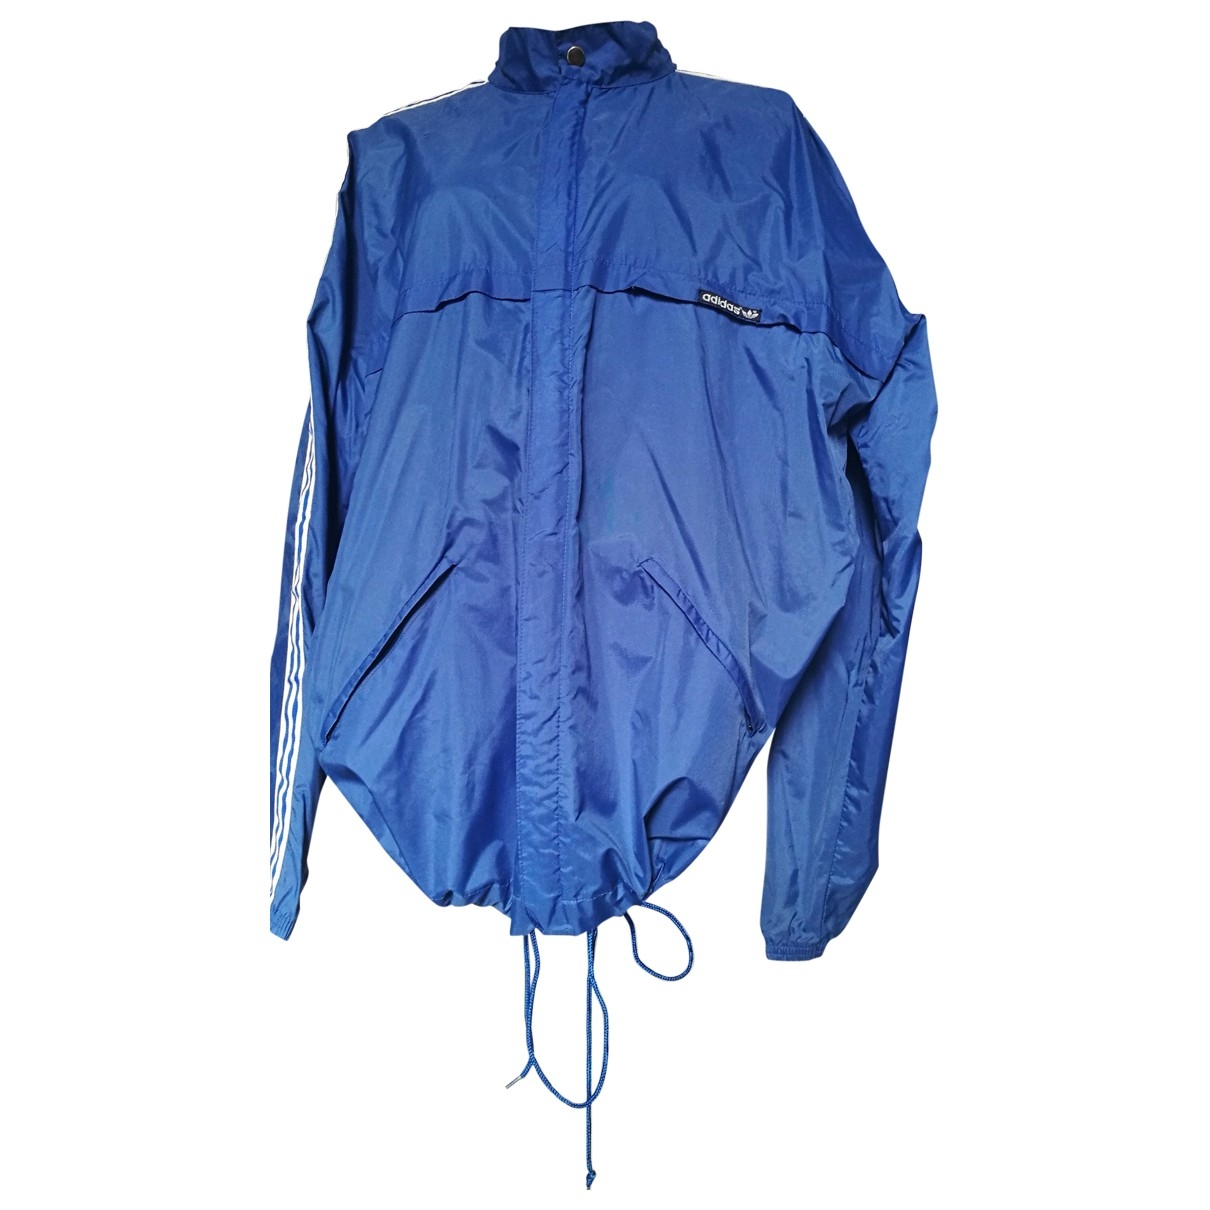 Adidas \N Jacke in  Blau Polyester